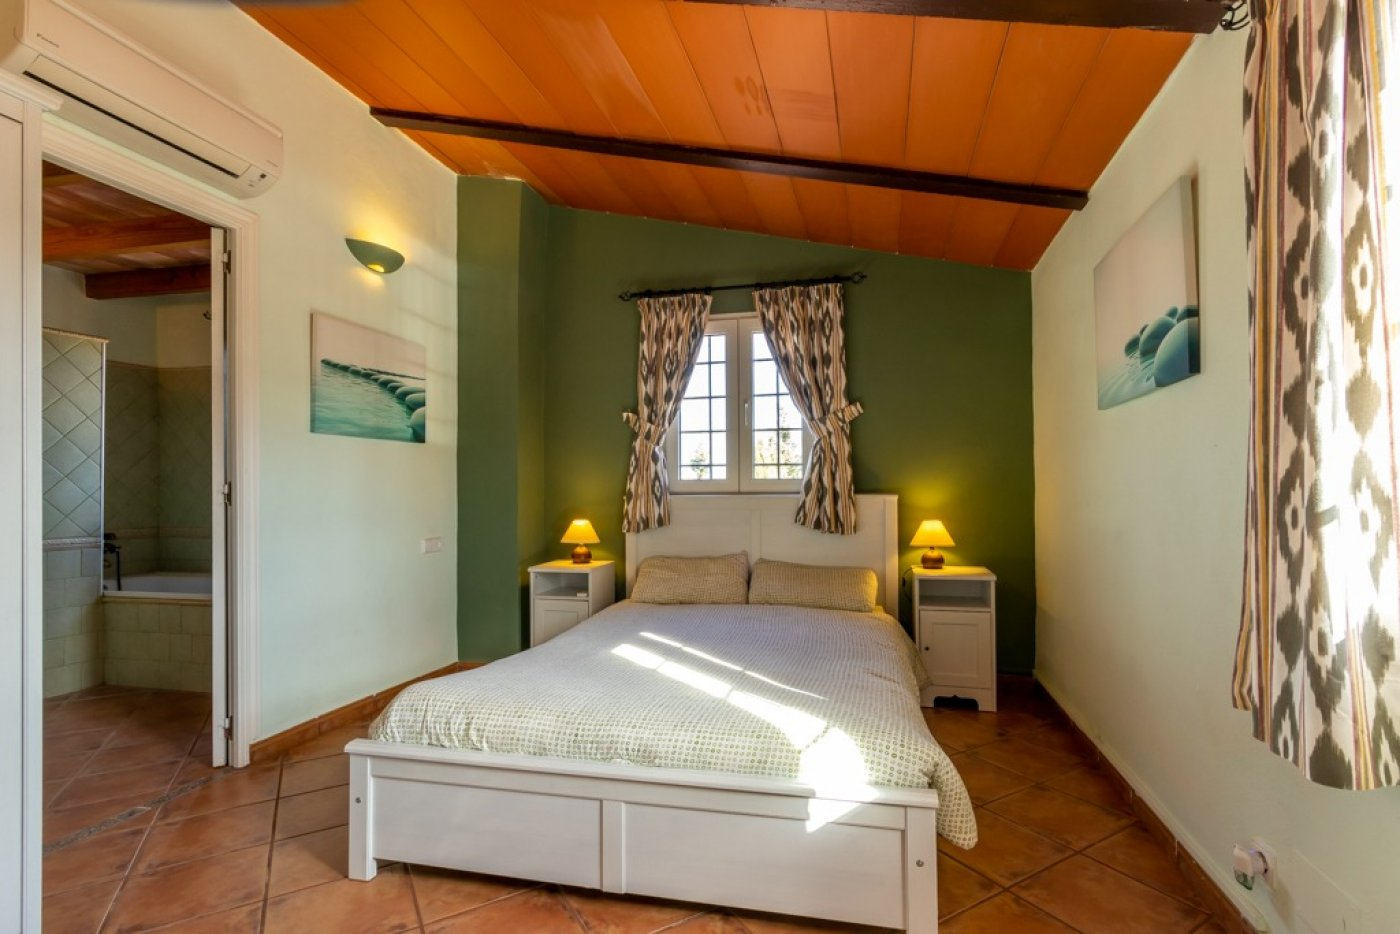 Magnifica villa en ses salines - can somni - ideal inversores turÍsticos - imagenInmueble30